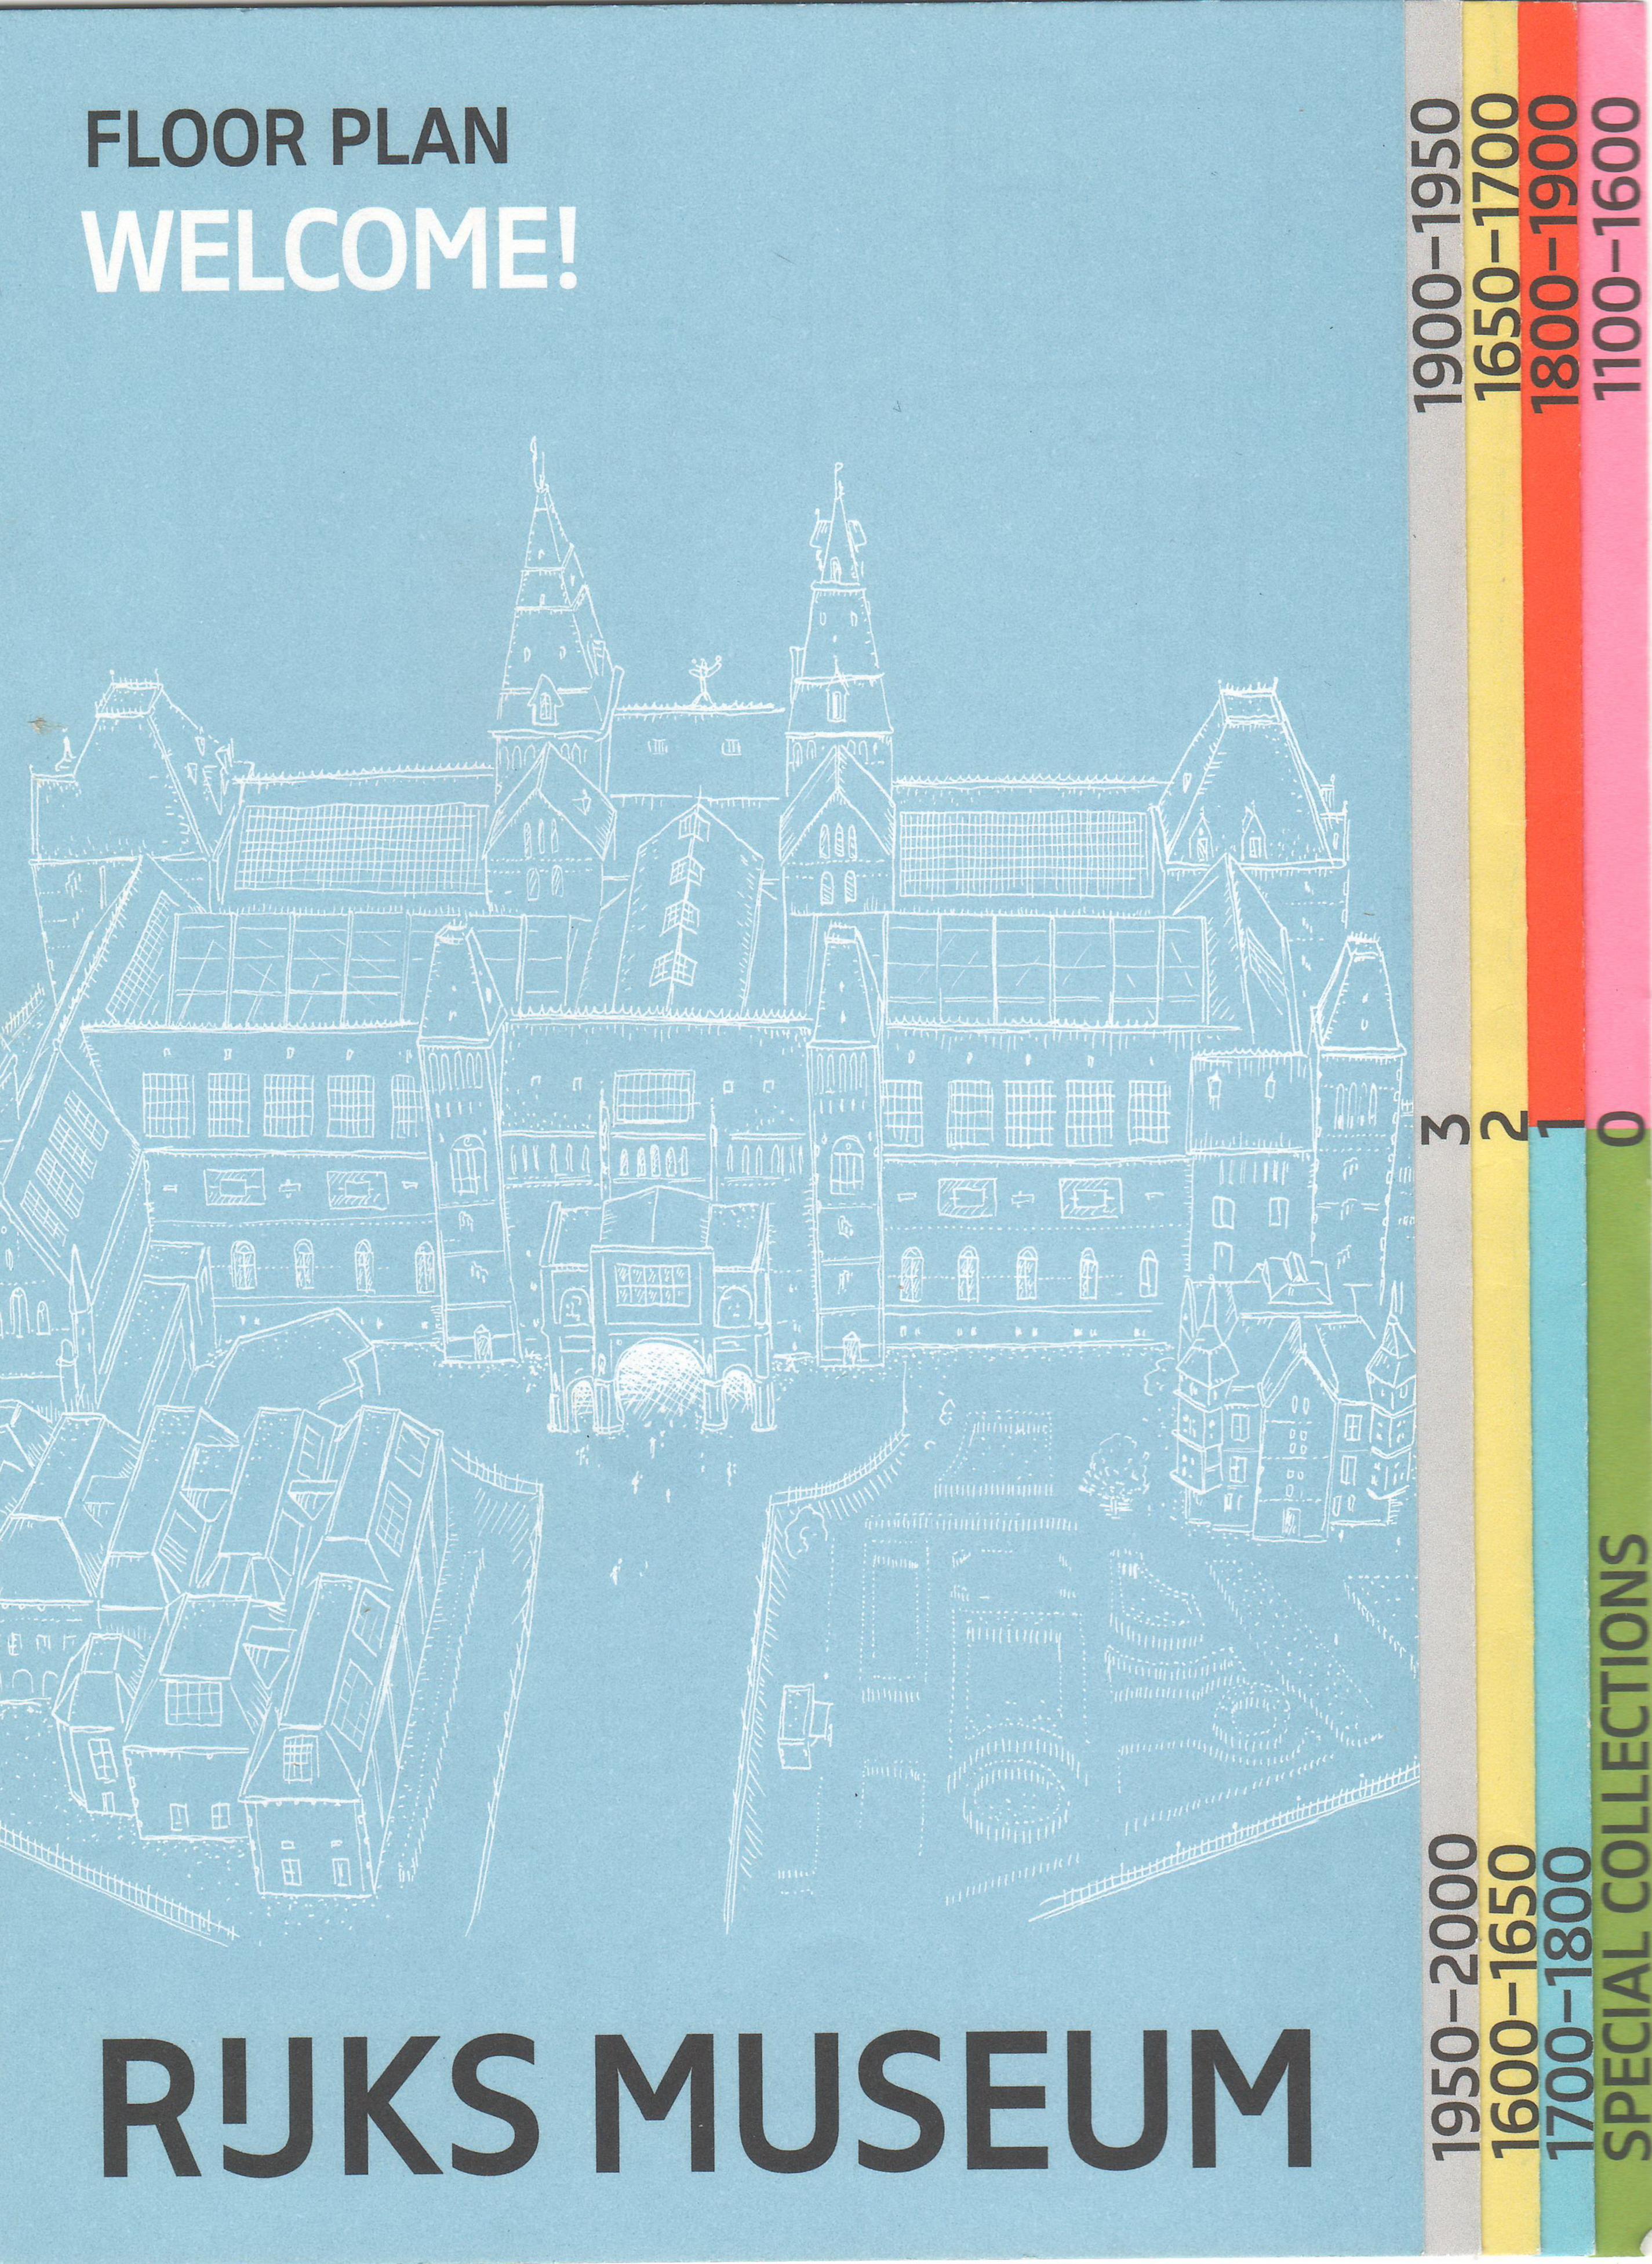 amsterdam rijksmuseum floor plan brochure scan flickr